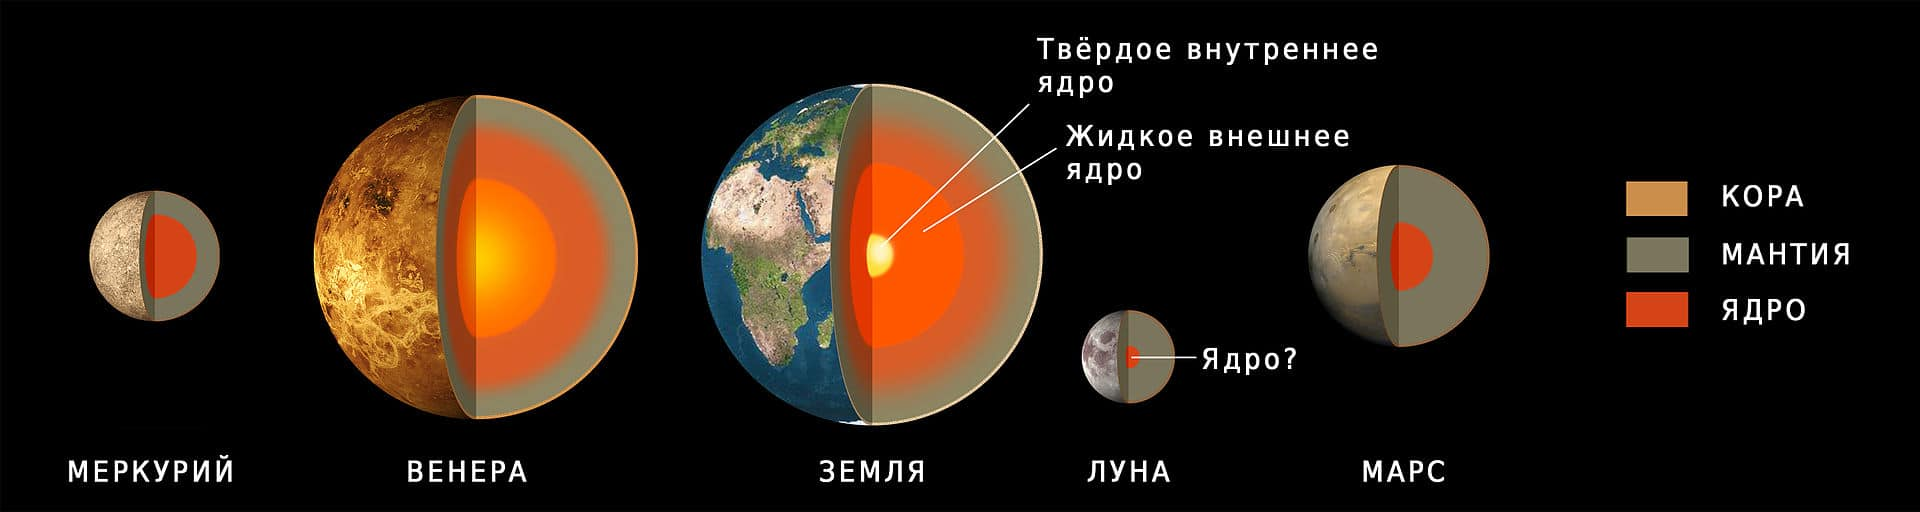 Марс (планета)